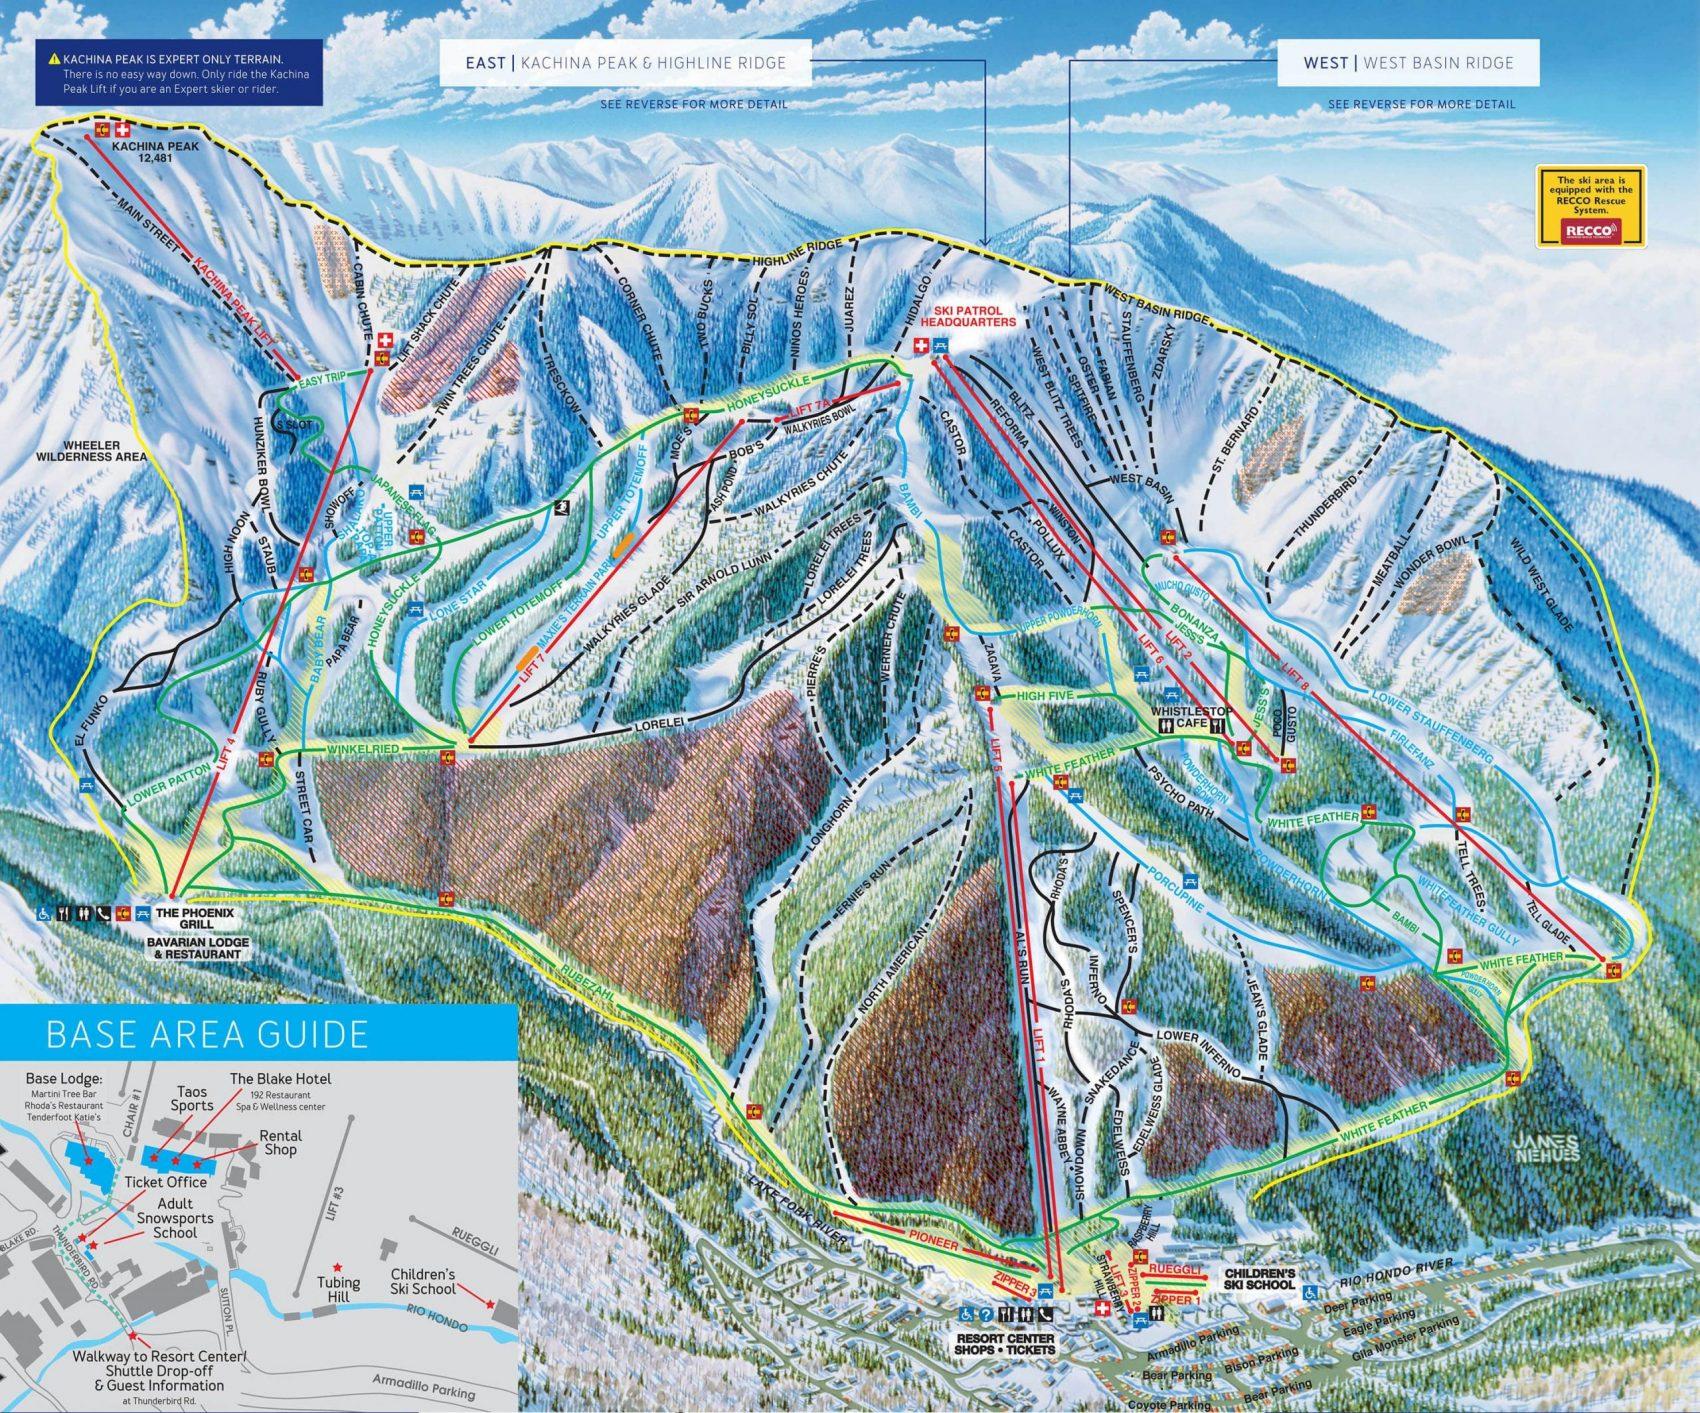 trail map showing Taos Ski Resort